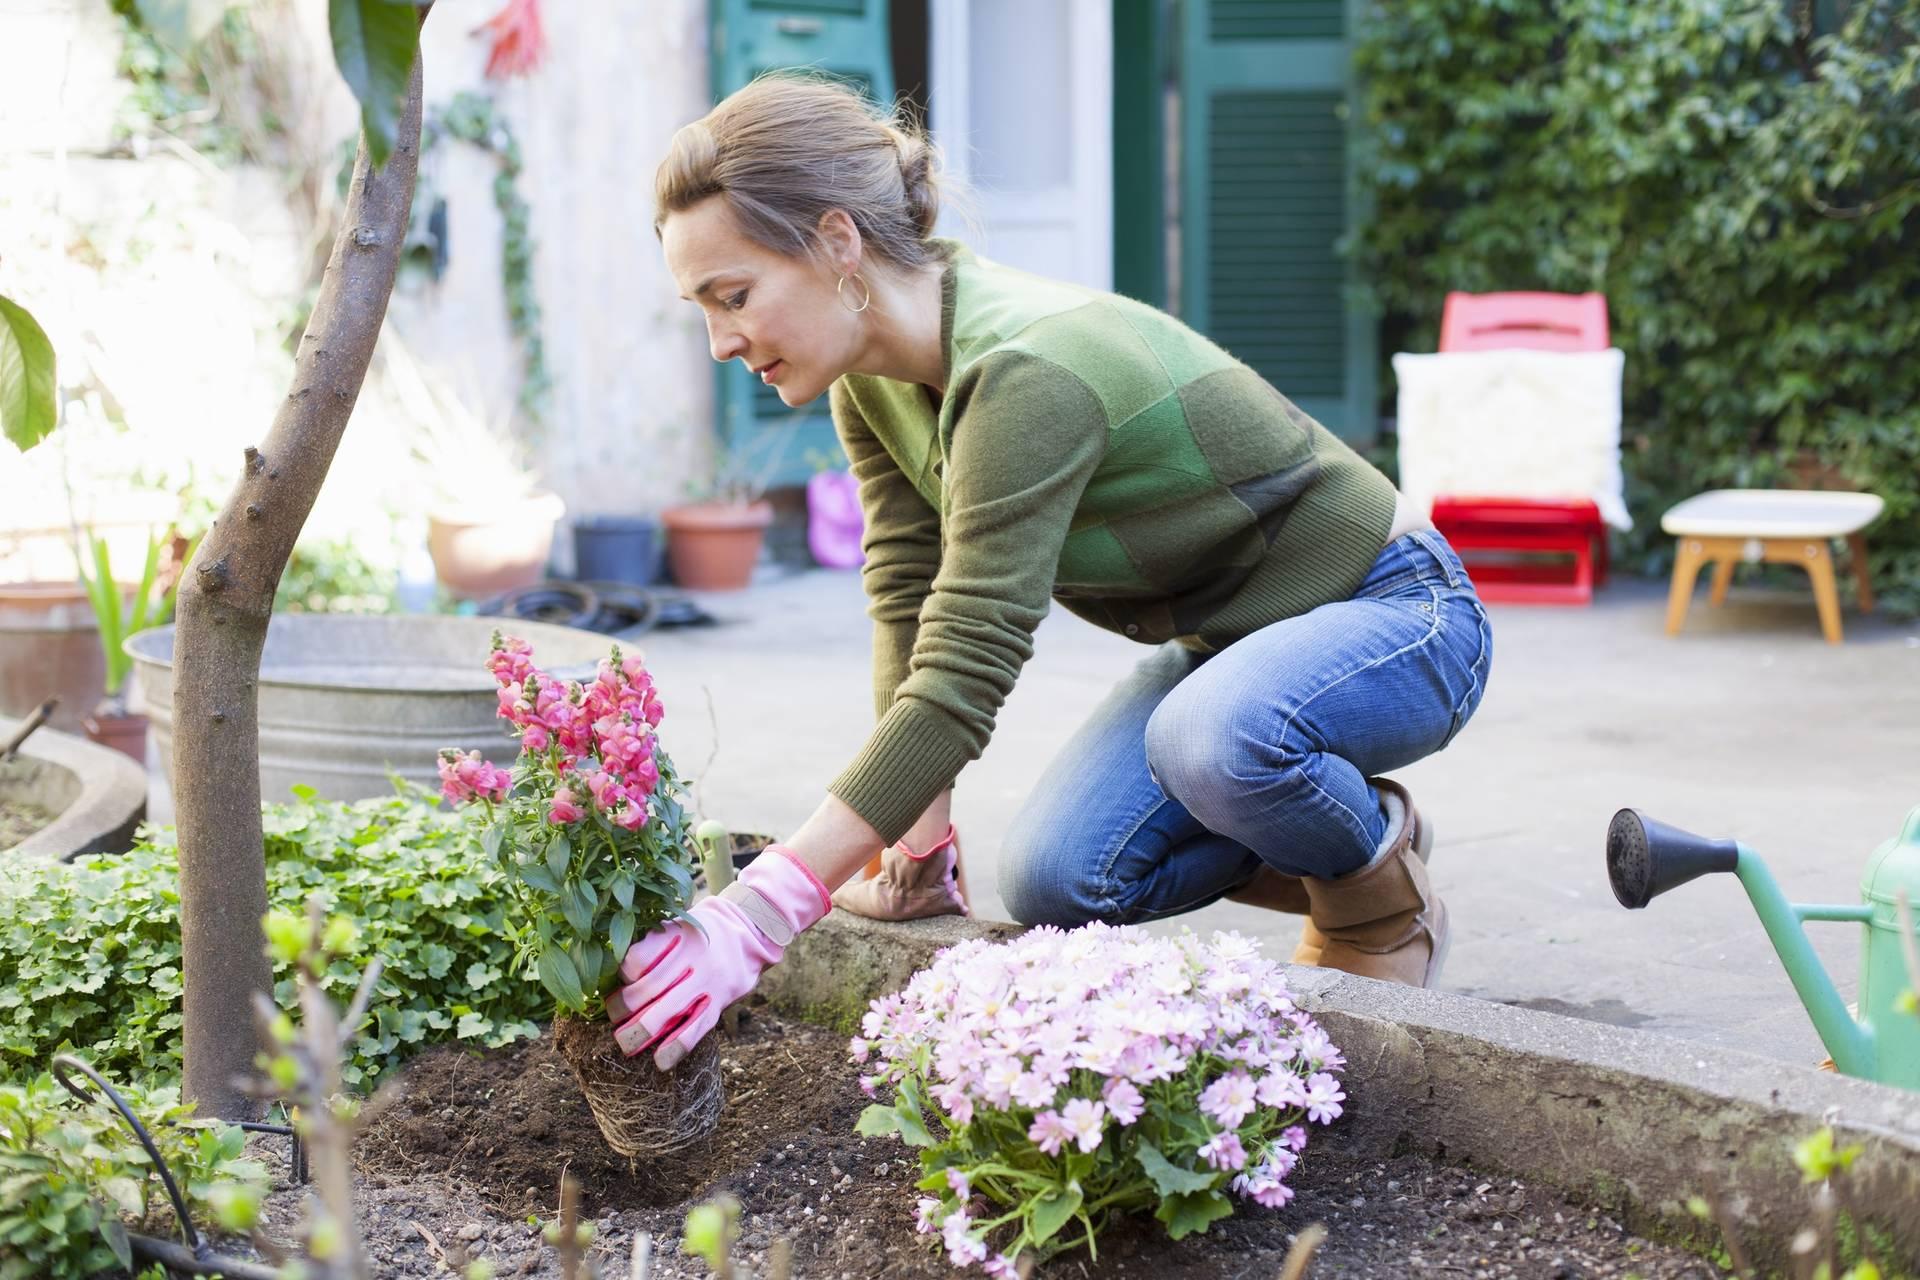 7 Idées D'aménagement Pour Jardin Pas Chères   Envie De Plus pour Comment Aménager Son Jardin Pas Cher